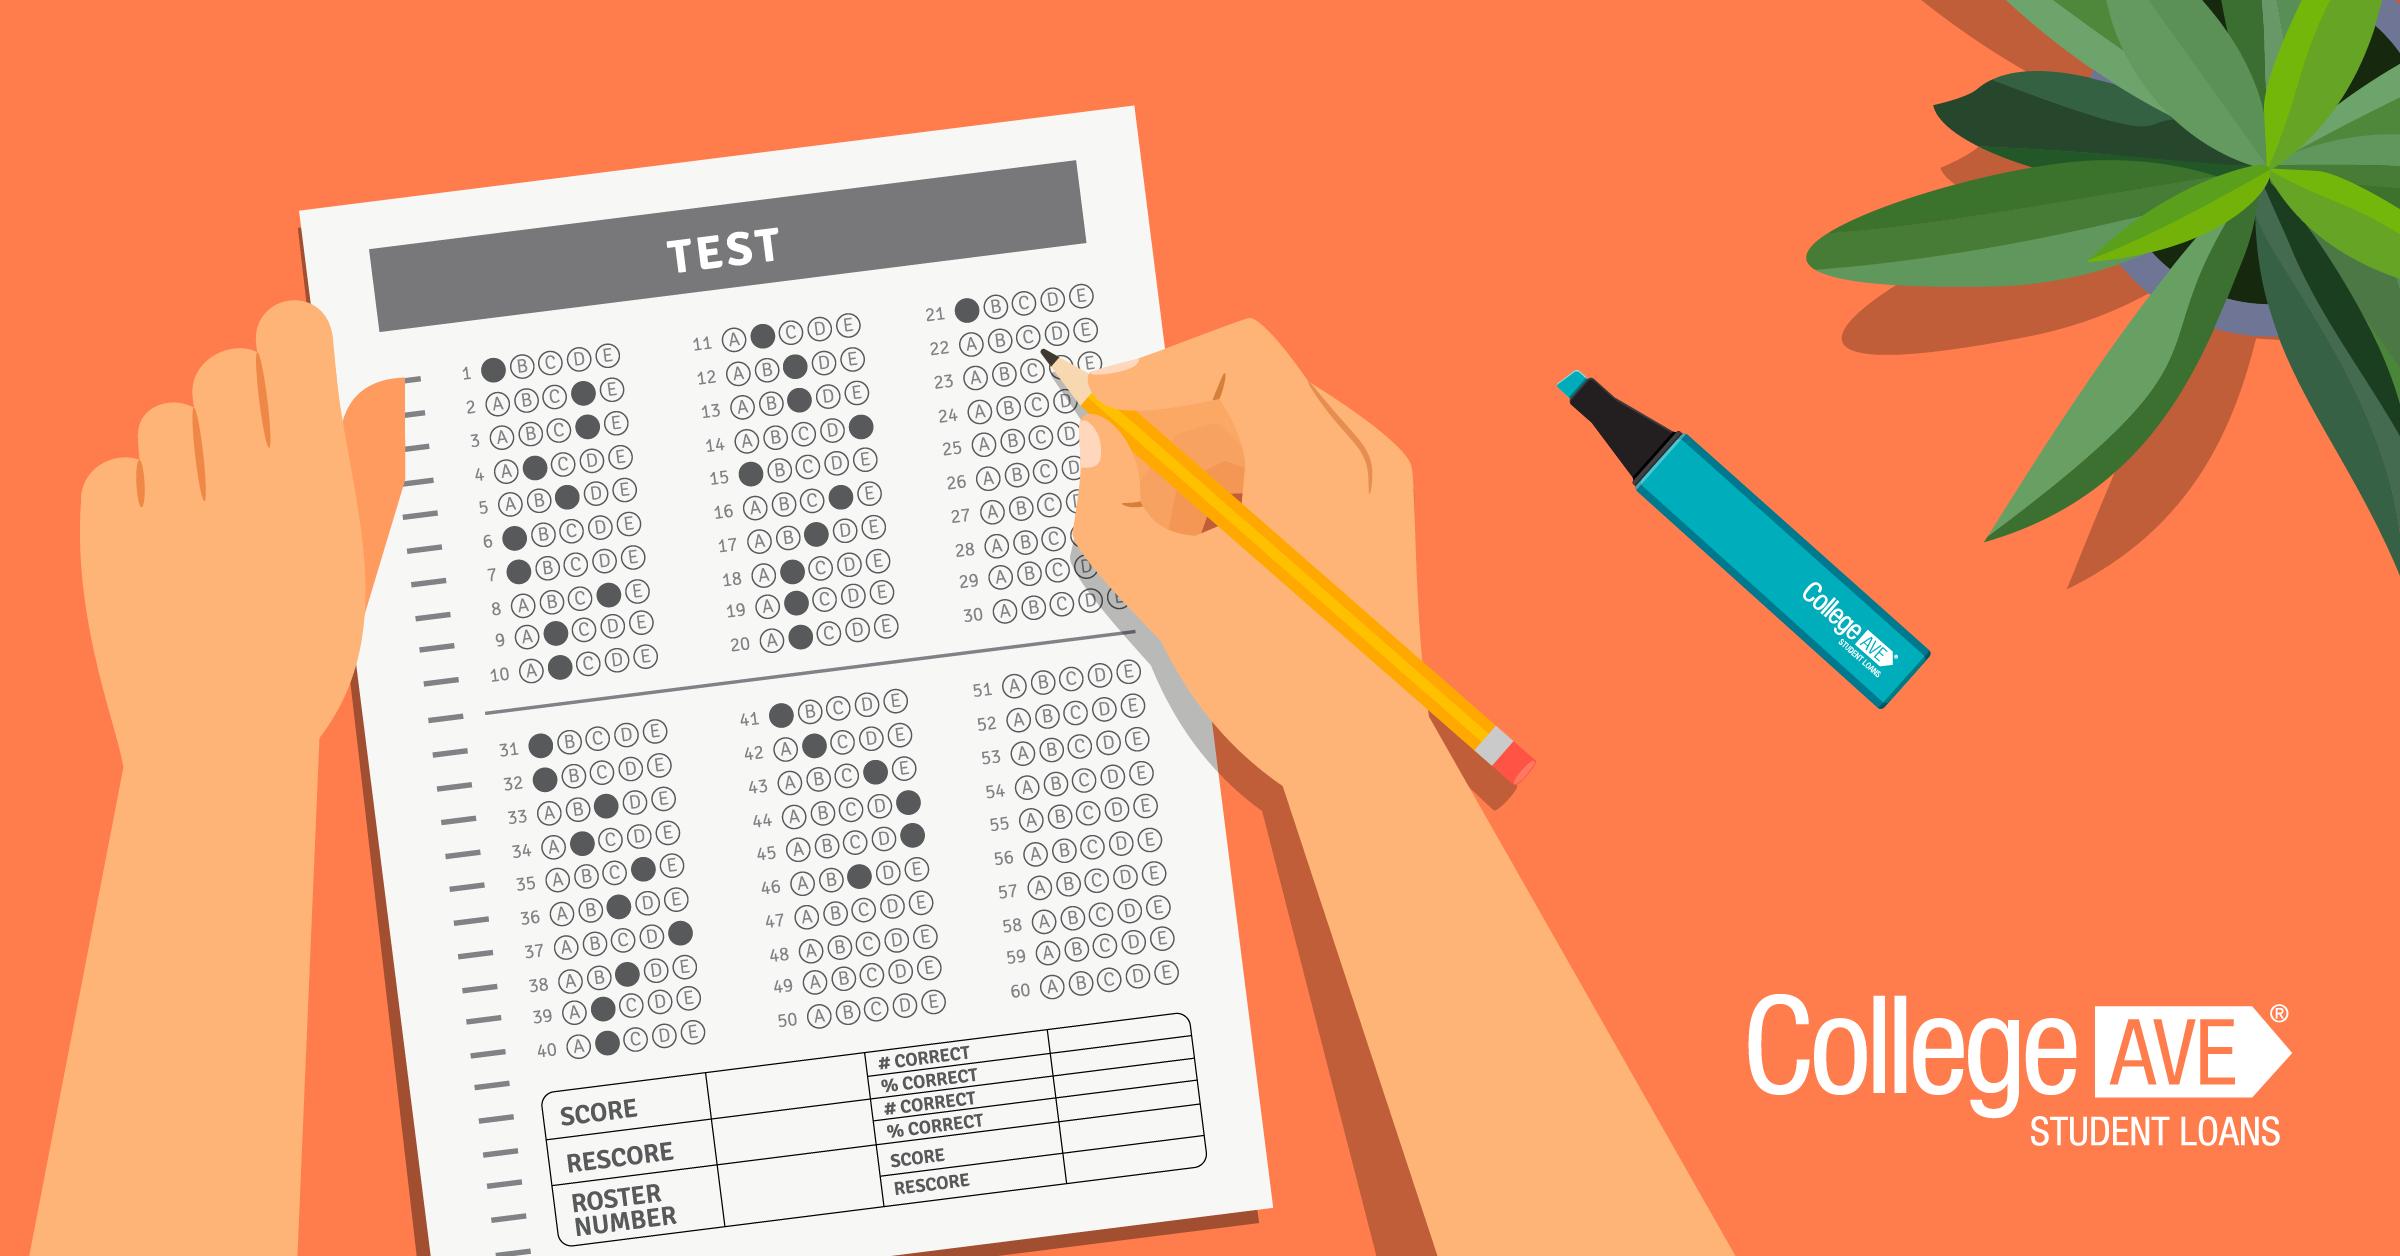 Admissions au test facultatif: ce que vous devez savoir pour les candidatures au collège